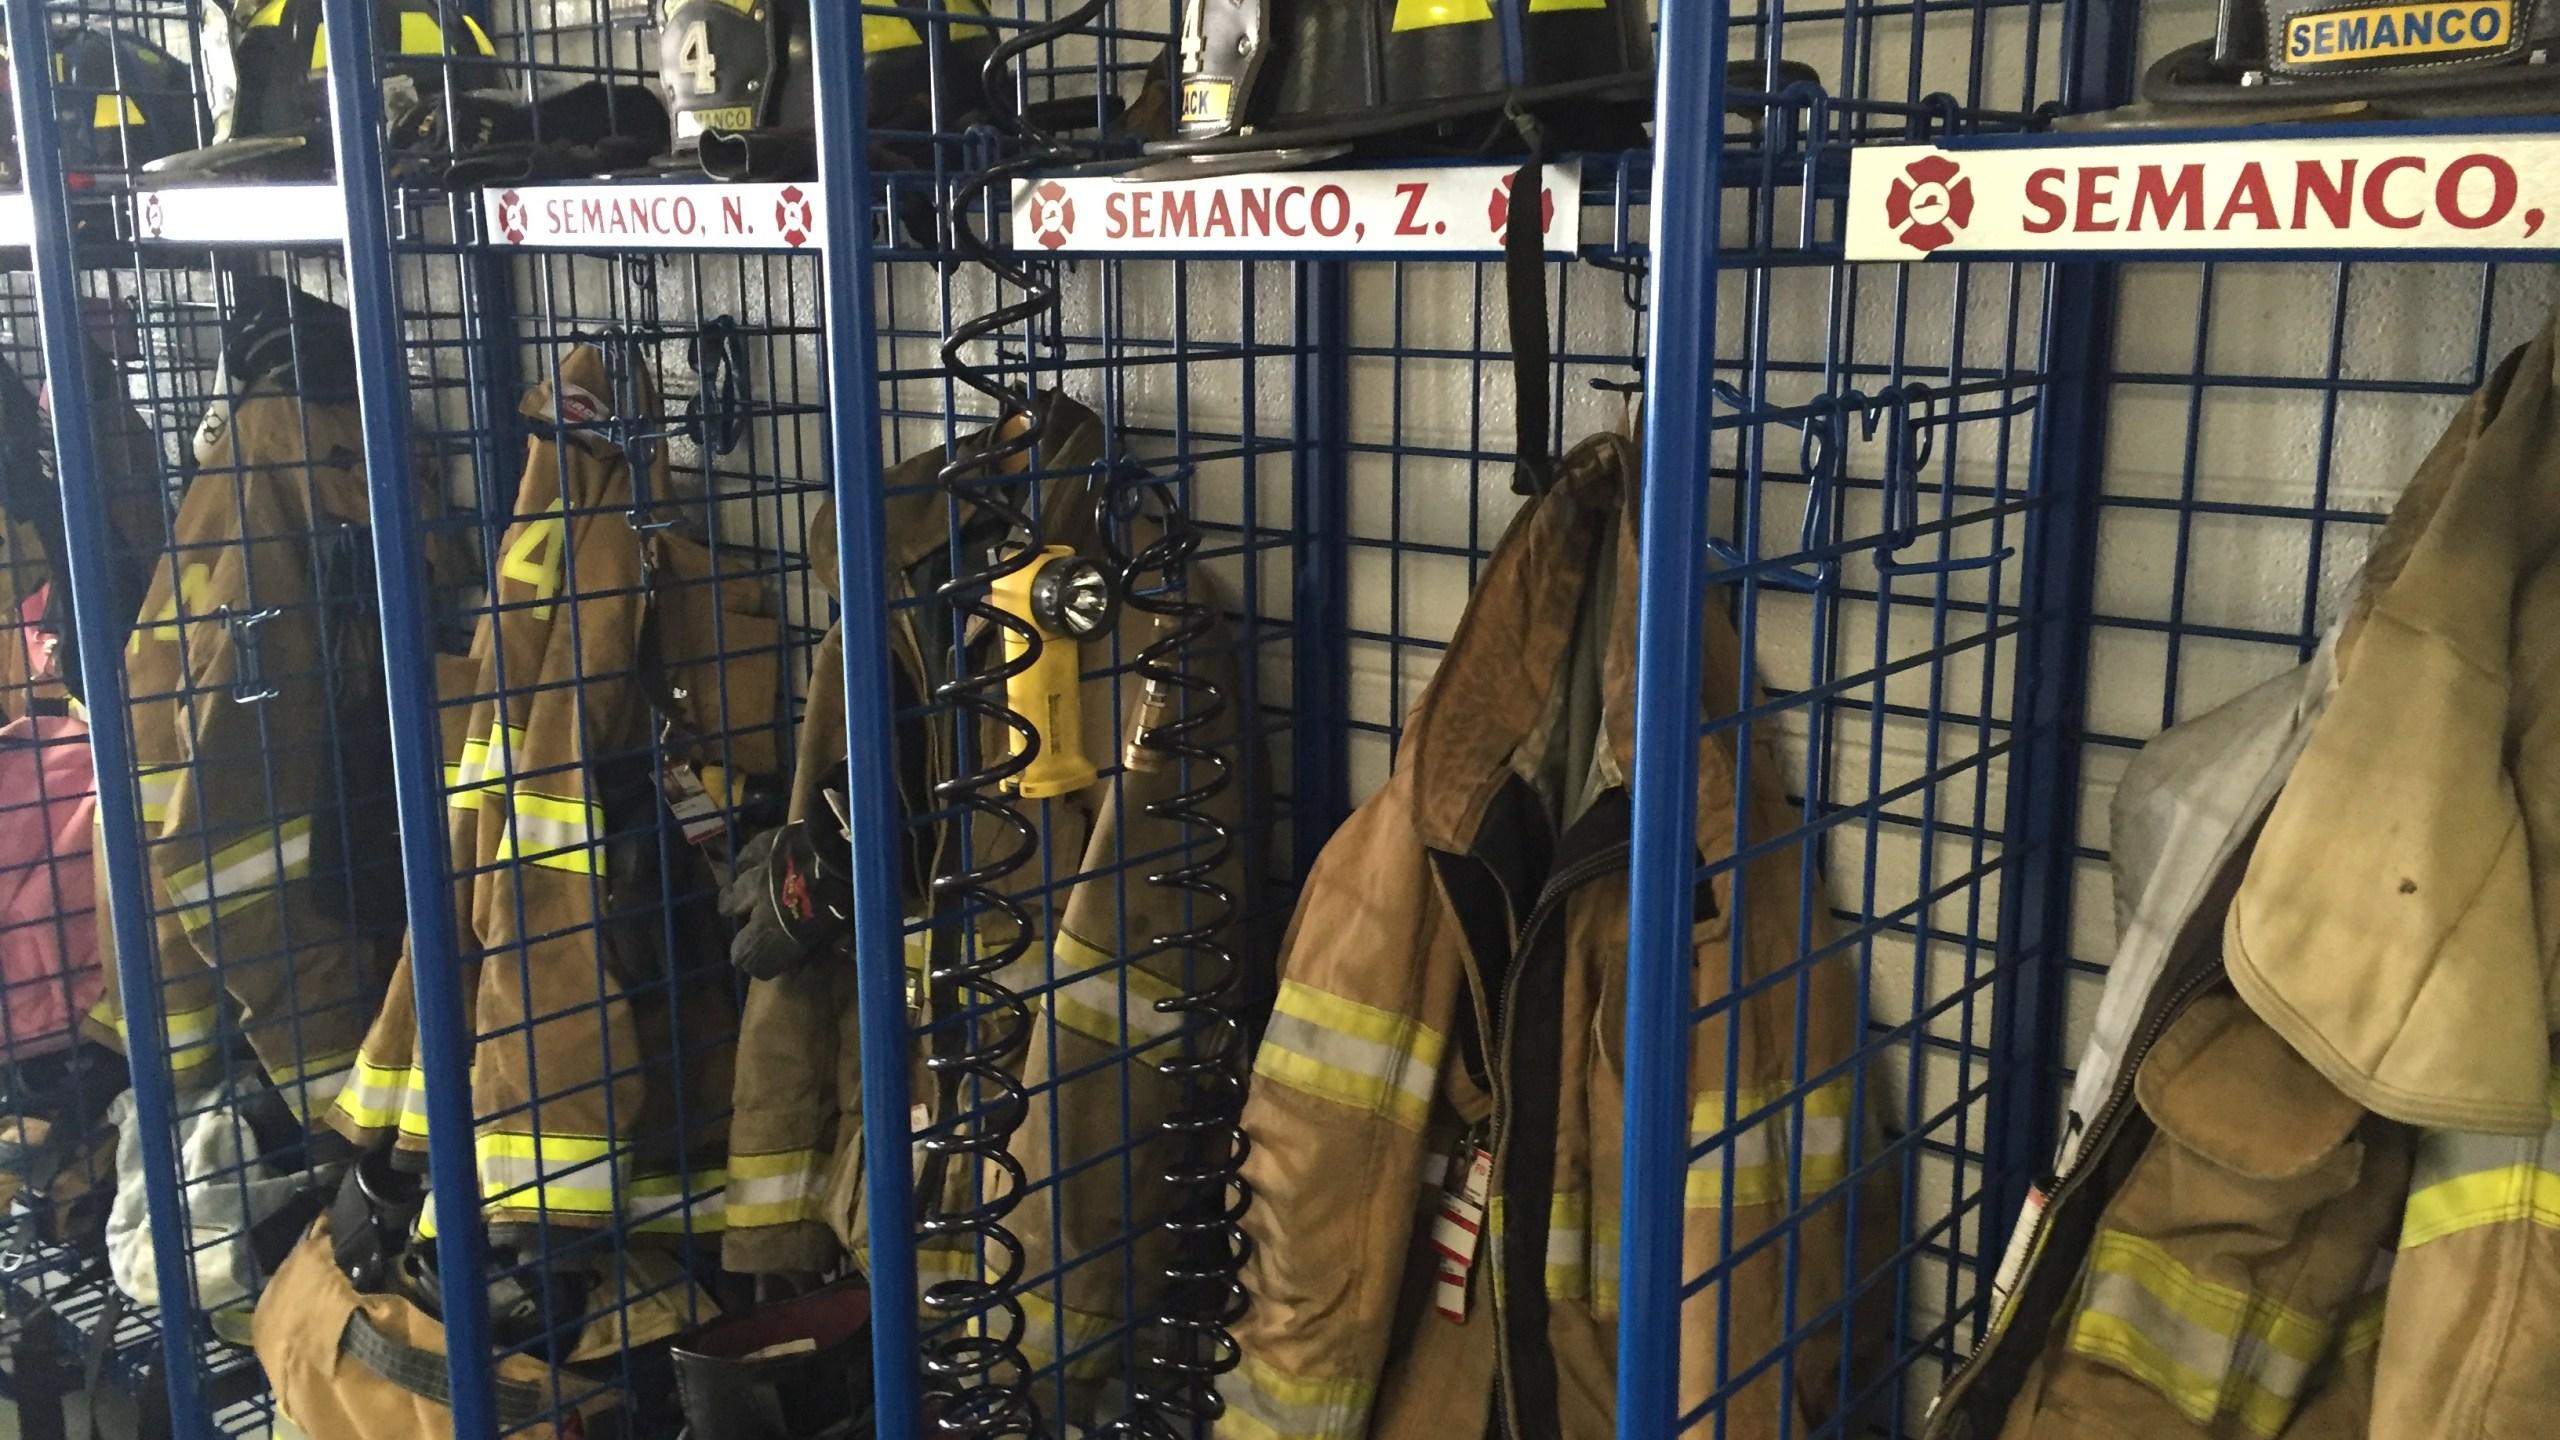 liberty fire co._1465696891385.jpg